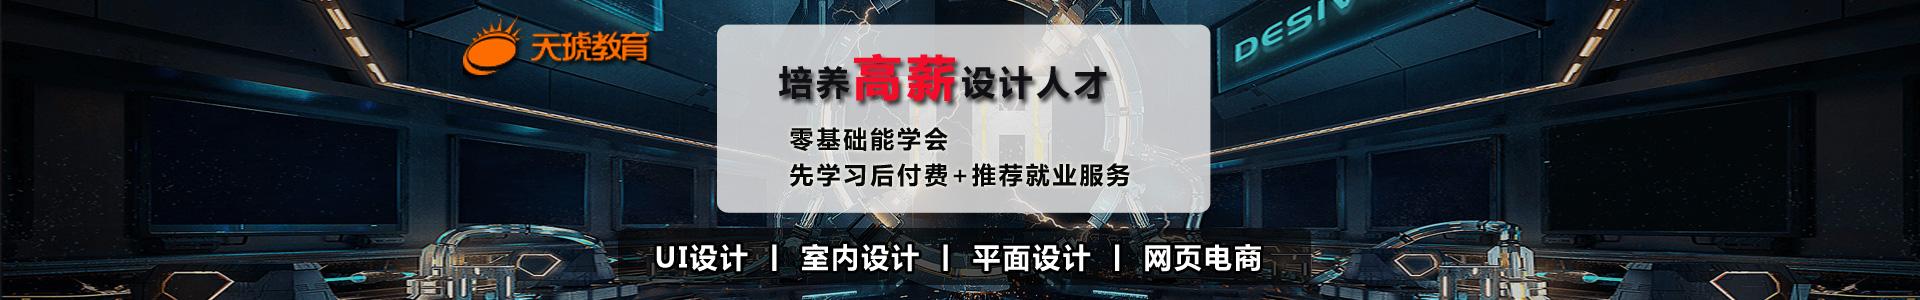 上海天琥室内设计培训机构